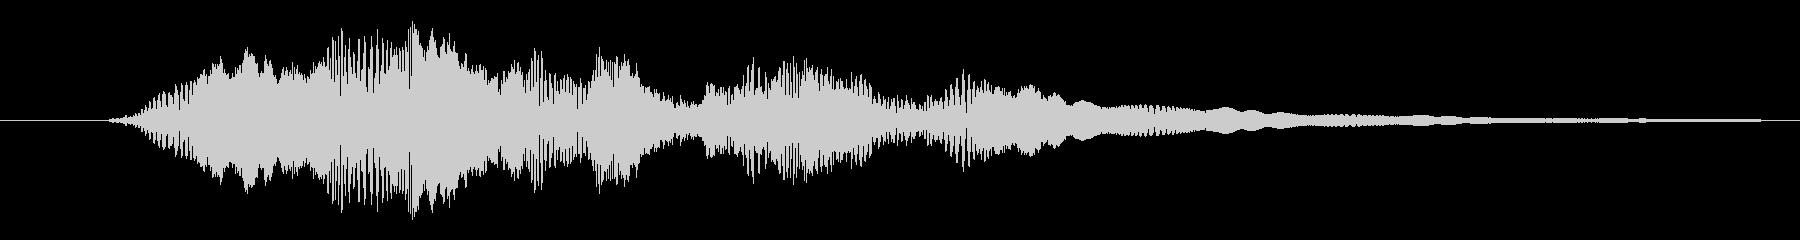 プルプル(スライム・ゼリー)3の未再生の波形